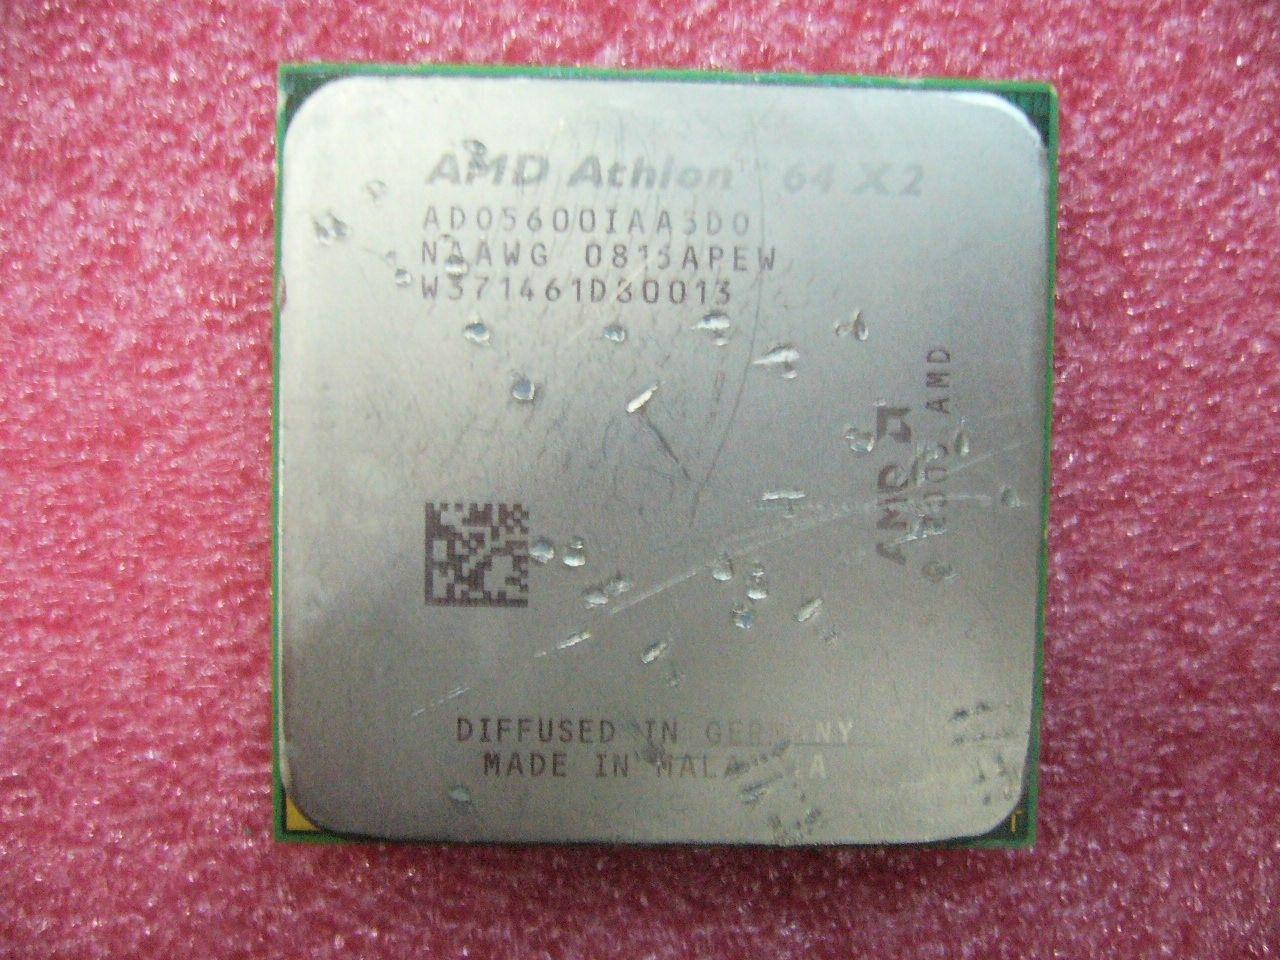 QTY 1X AMD Athlon 64 X2 5600+ 2.9 GHz ثنائي النواة (ADO5600IAA5DO) مقبس وحدة المعالجة المركزية AM2